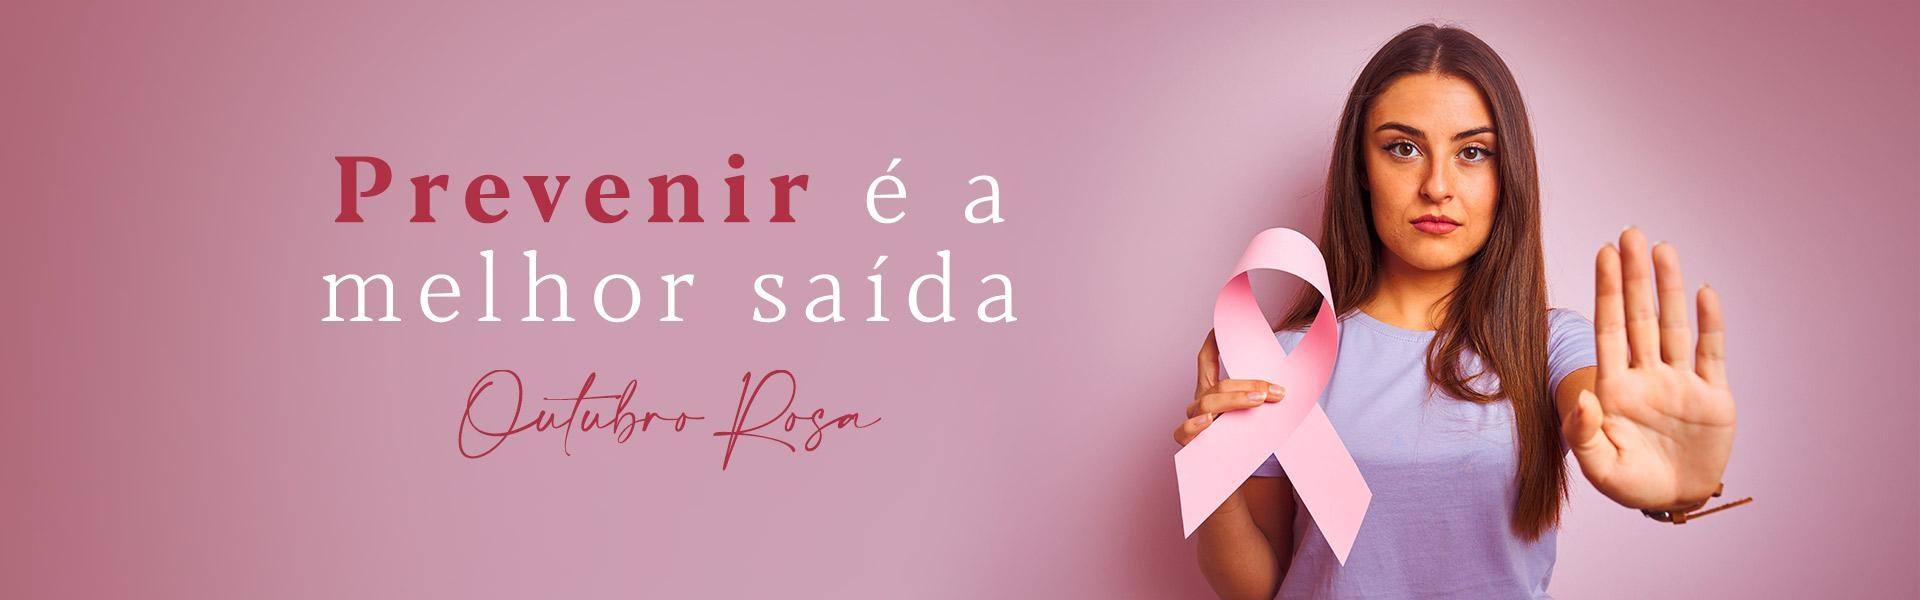 Prevenir é a melhor saída -Outubro Rosa